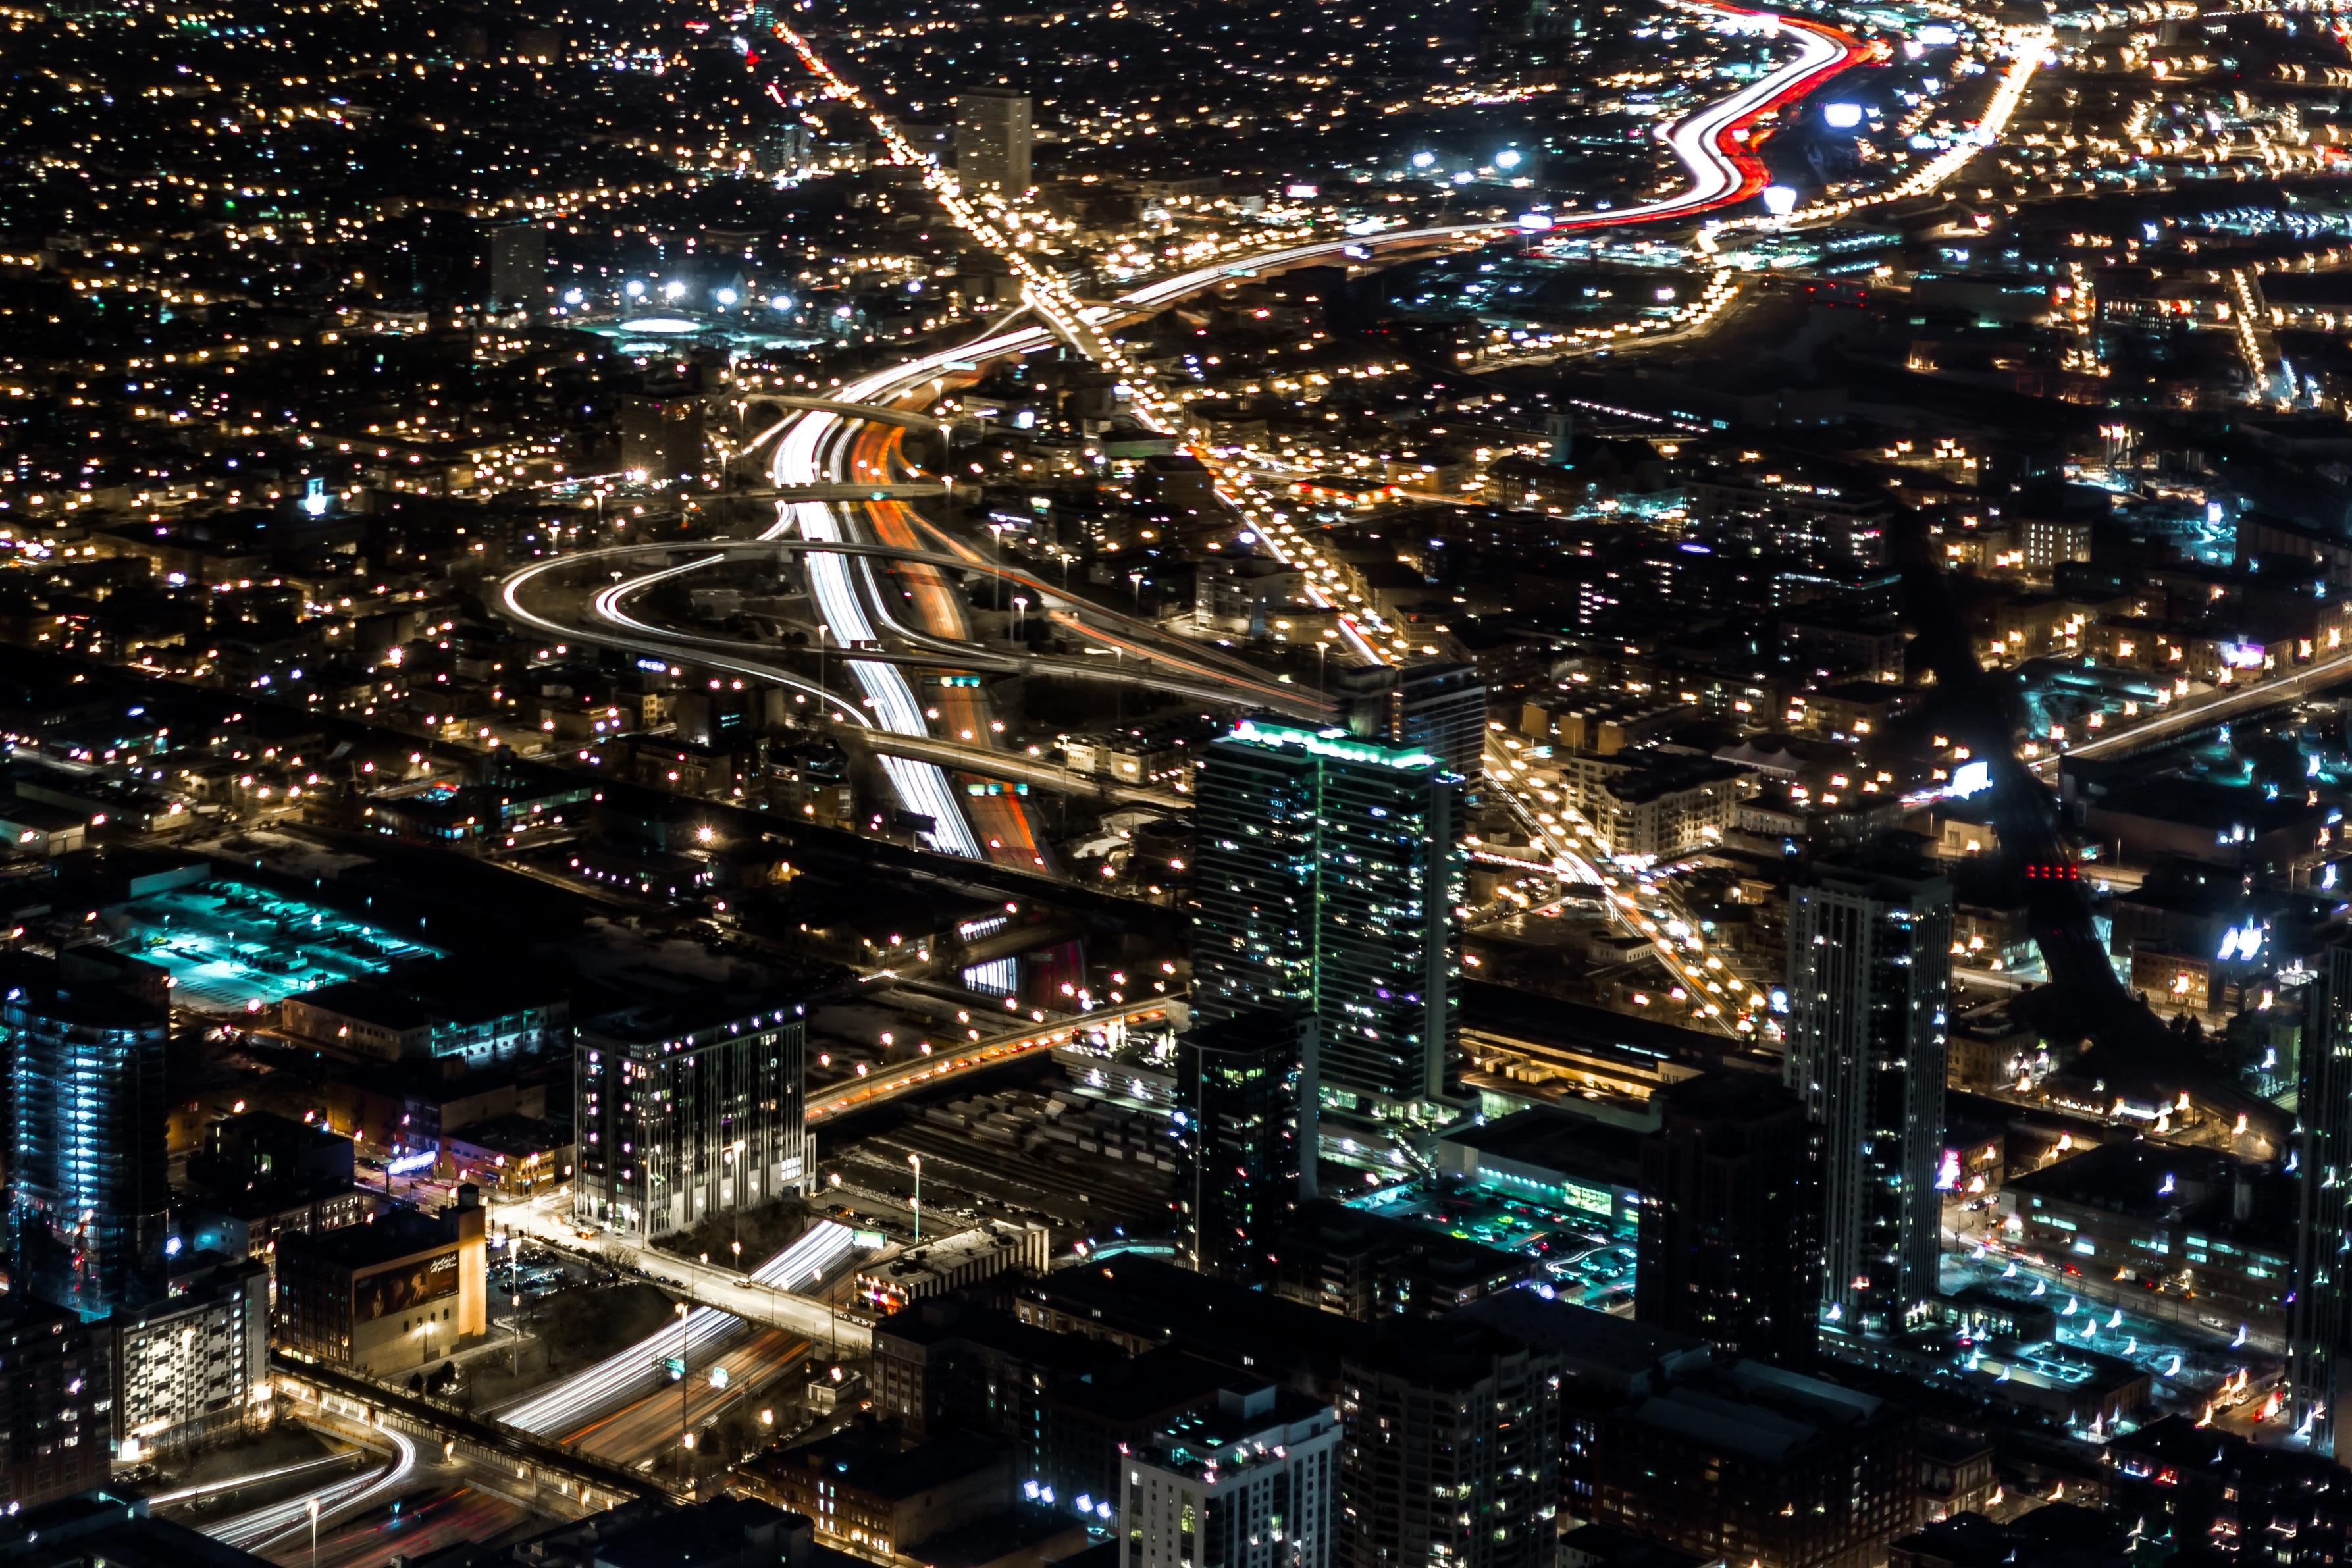 каддафи полет в ночном городе картинка именно речь пойдет